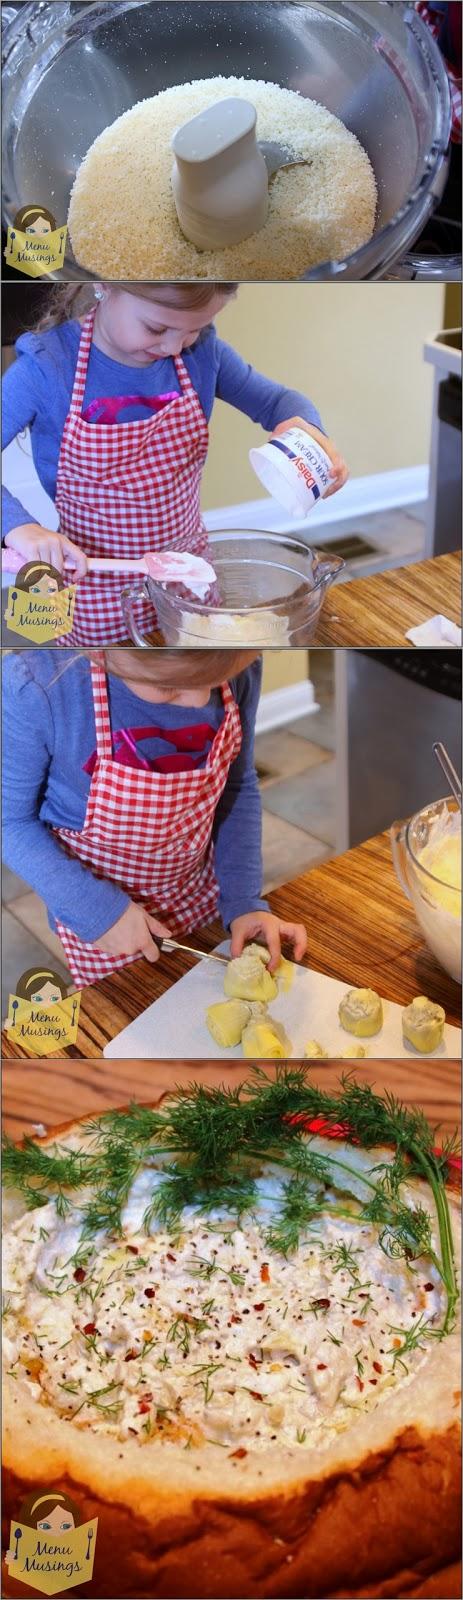 http://menumusings.blogspot.com/2012/12/hot-parmesan-artichoke-dip.html